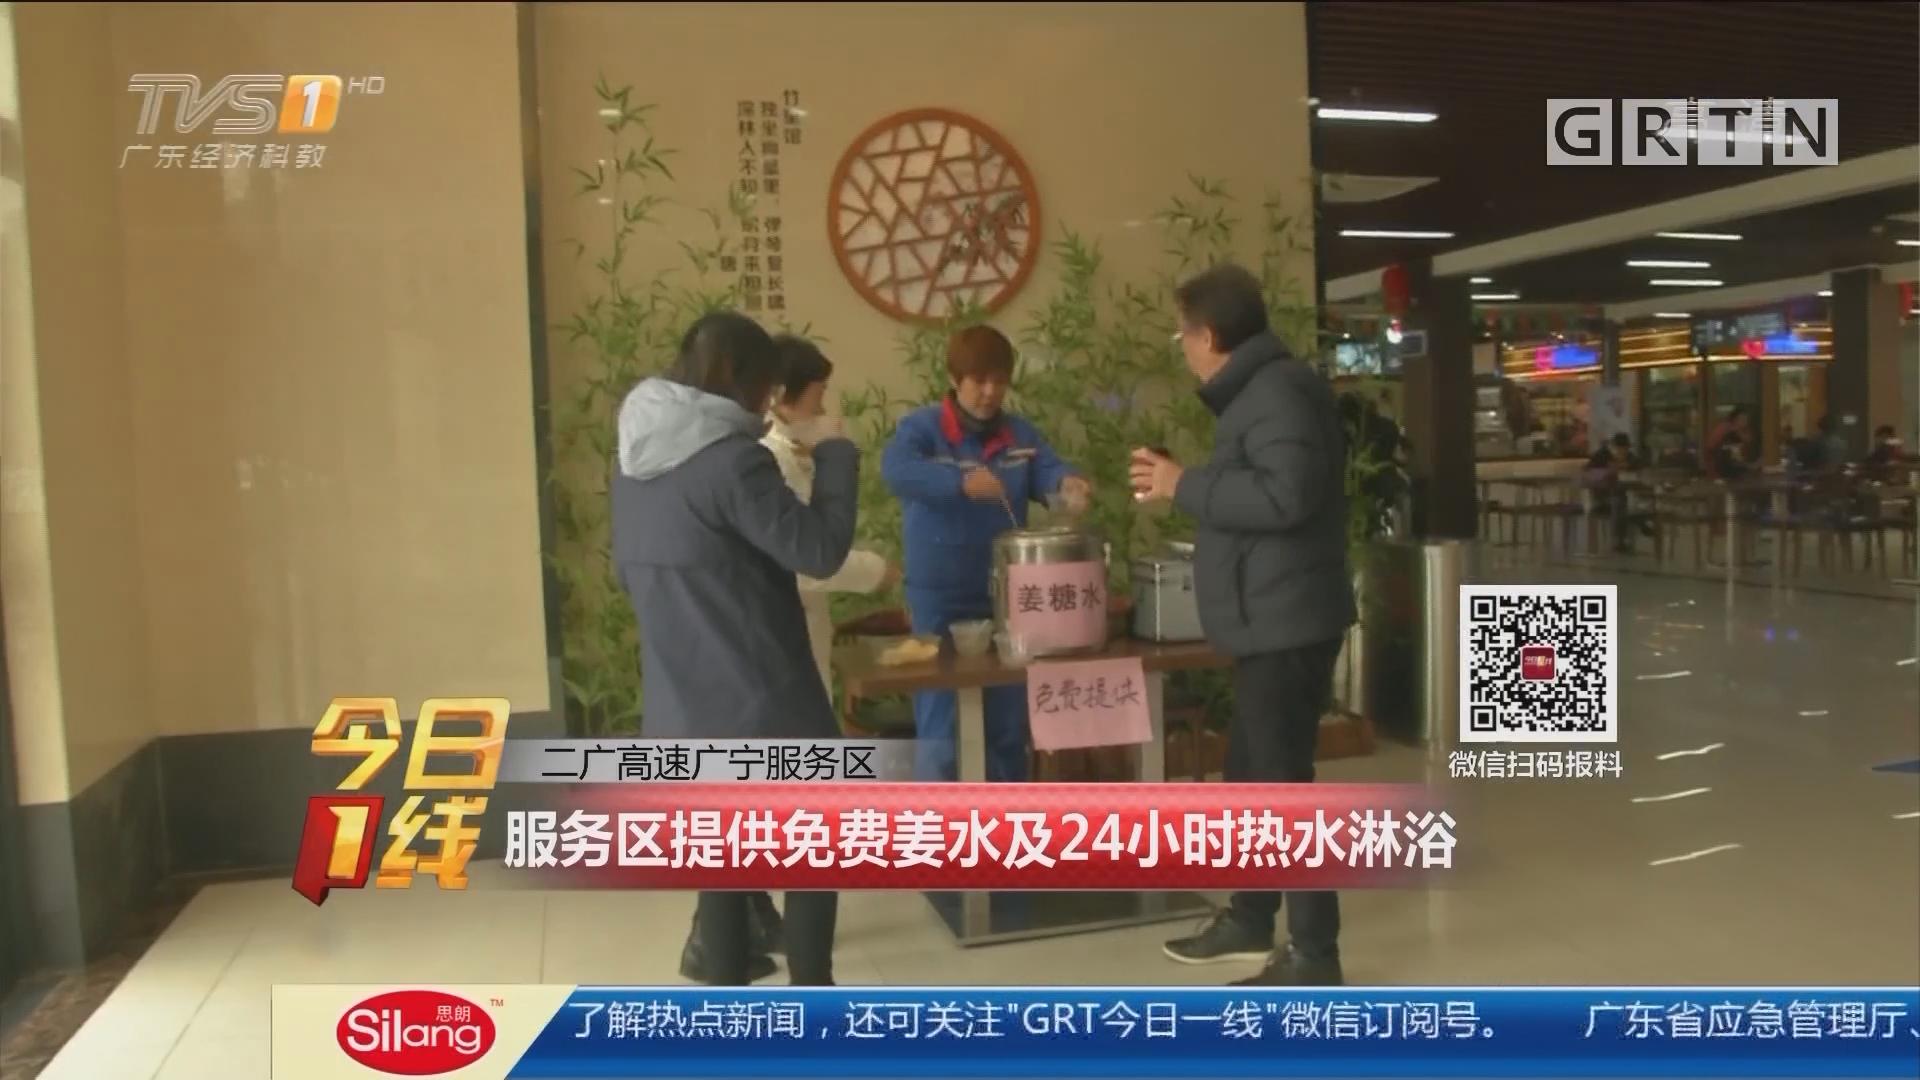 二广高速广宁服务区:服务区提供免费姜水及24小时热水淋浴